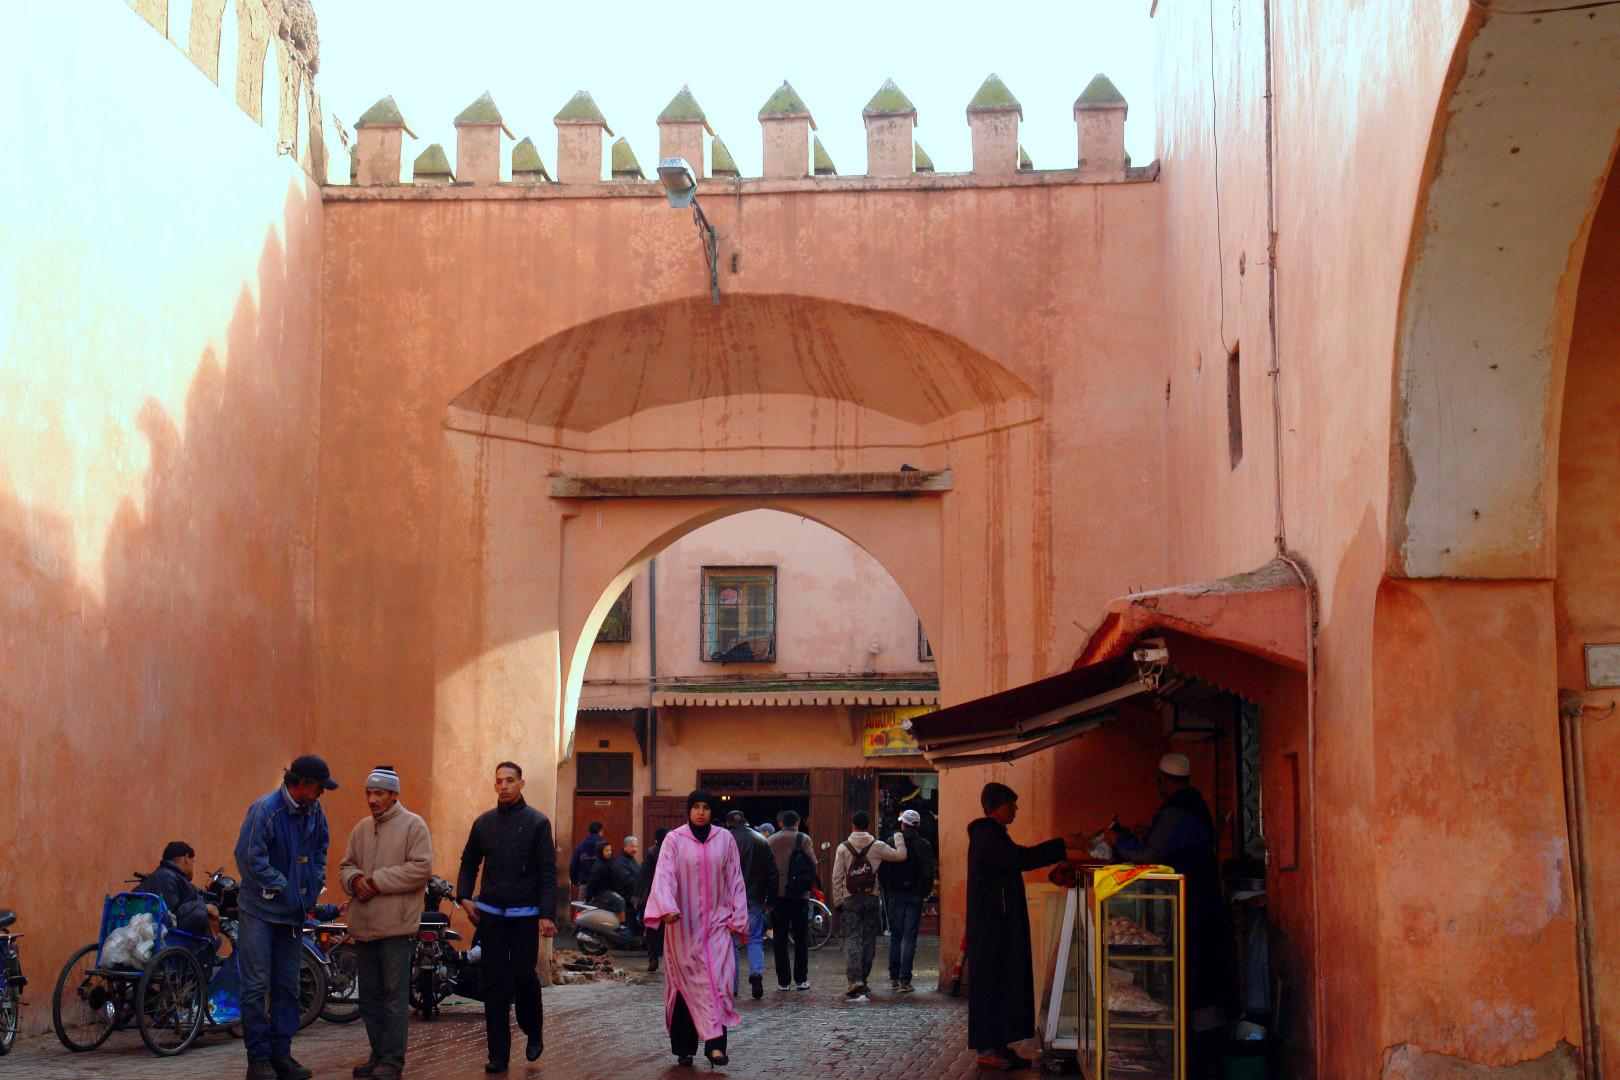 Qué ver en Marrakech, Marruecos - Morocco qué ver en marrakech - 30999587686 e08aa2f992 o - Qué ver en Marrakech, Marruecos